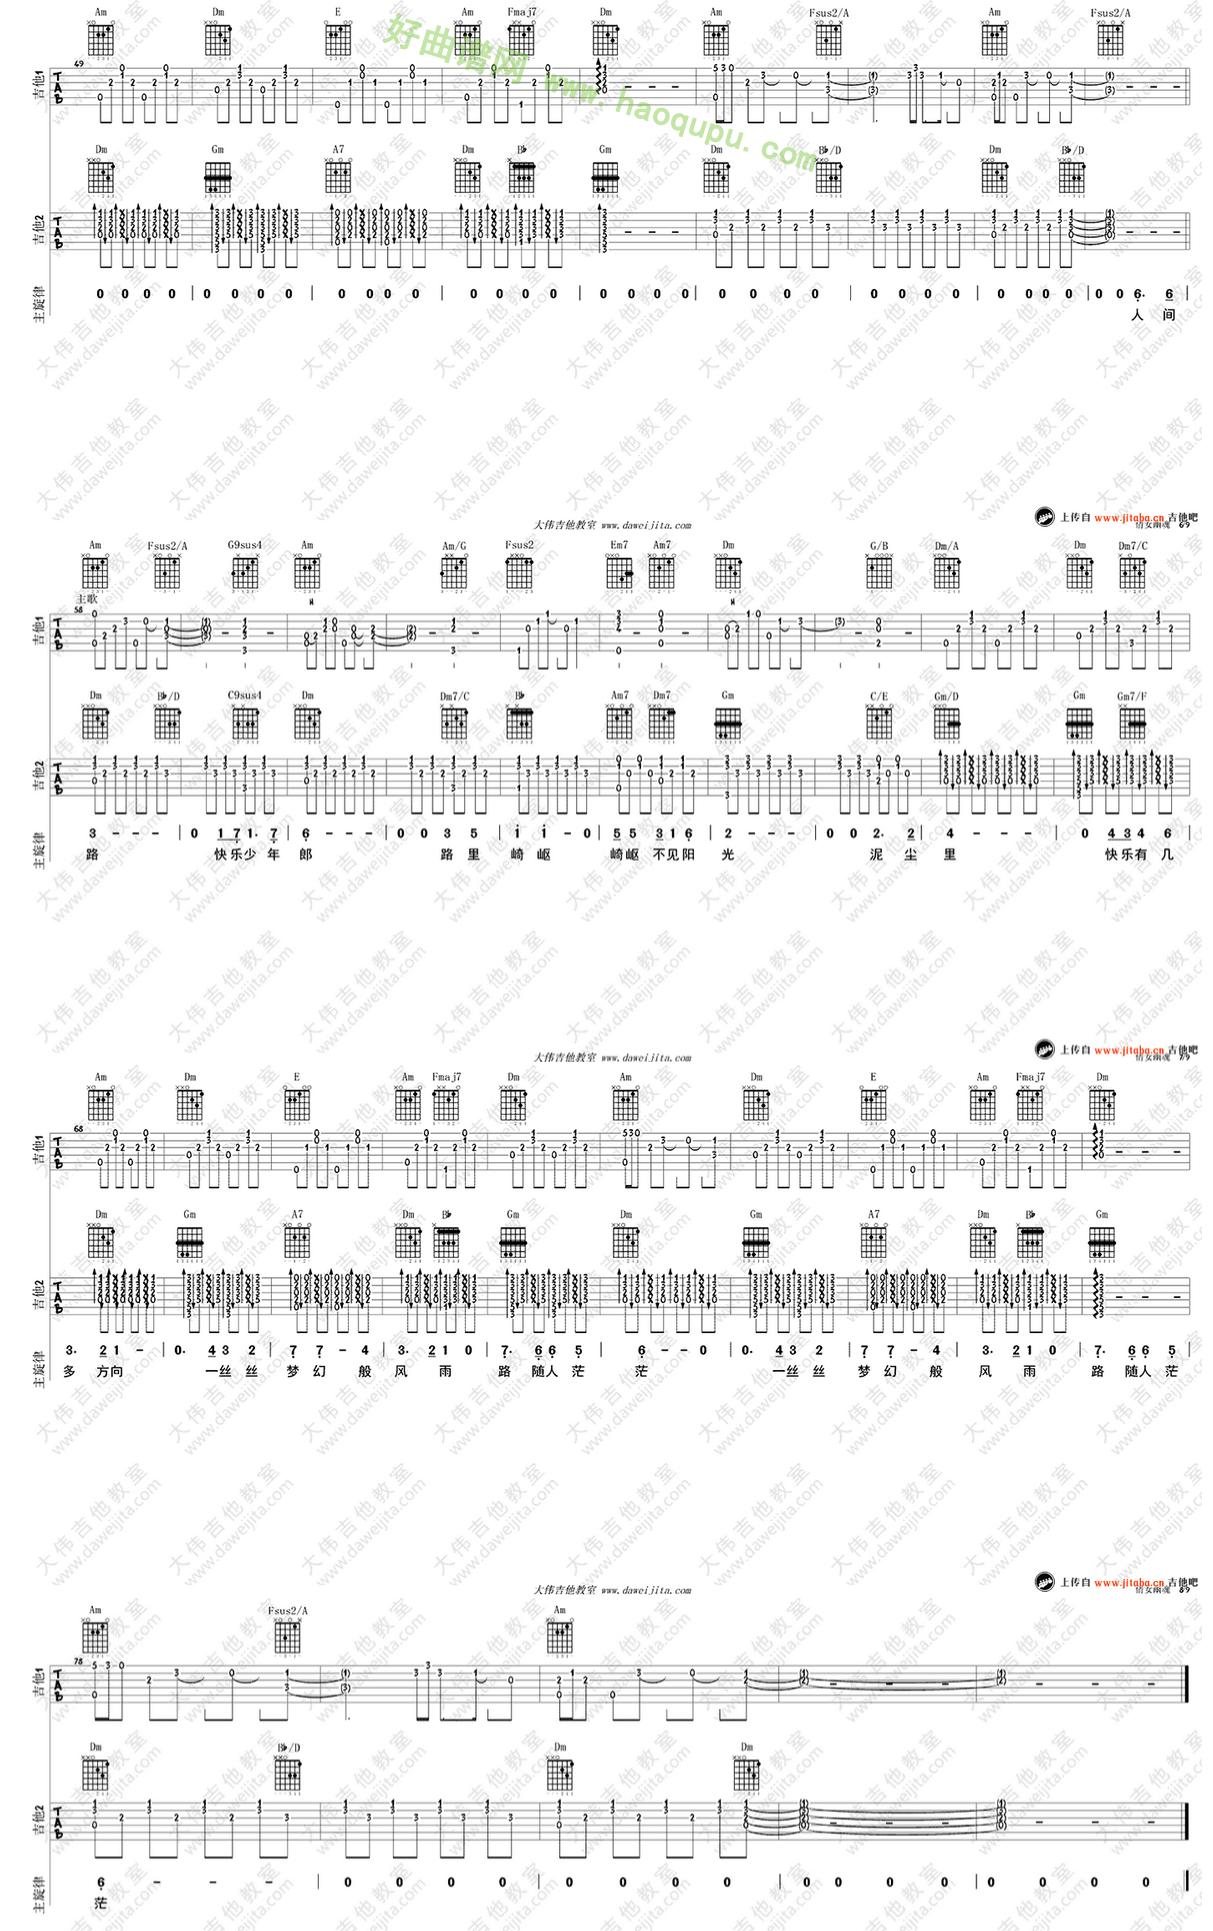 《倩女幽魂》(张国荣演唱)吉他谱第5张